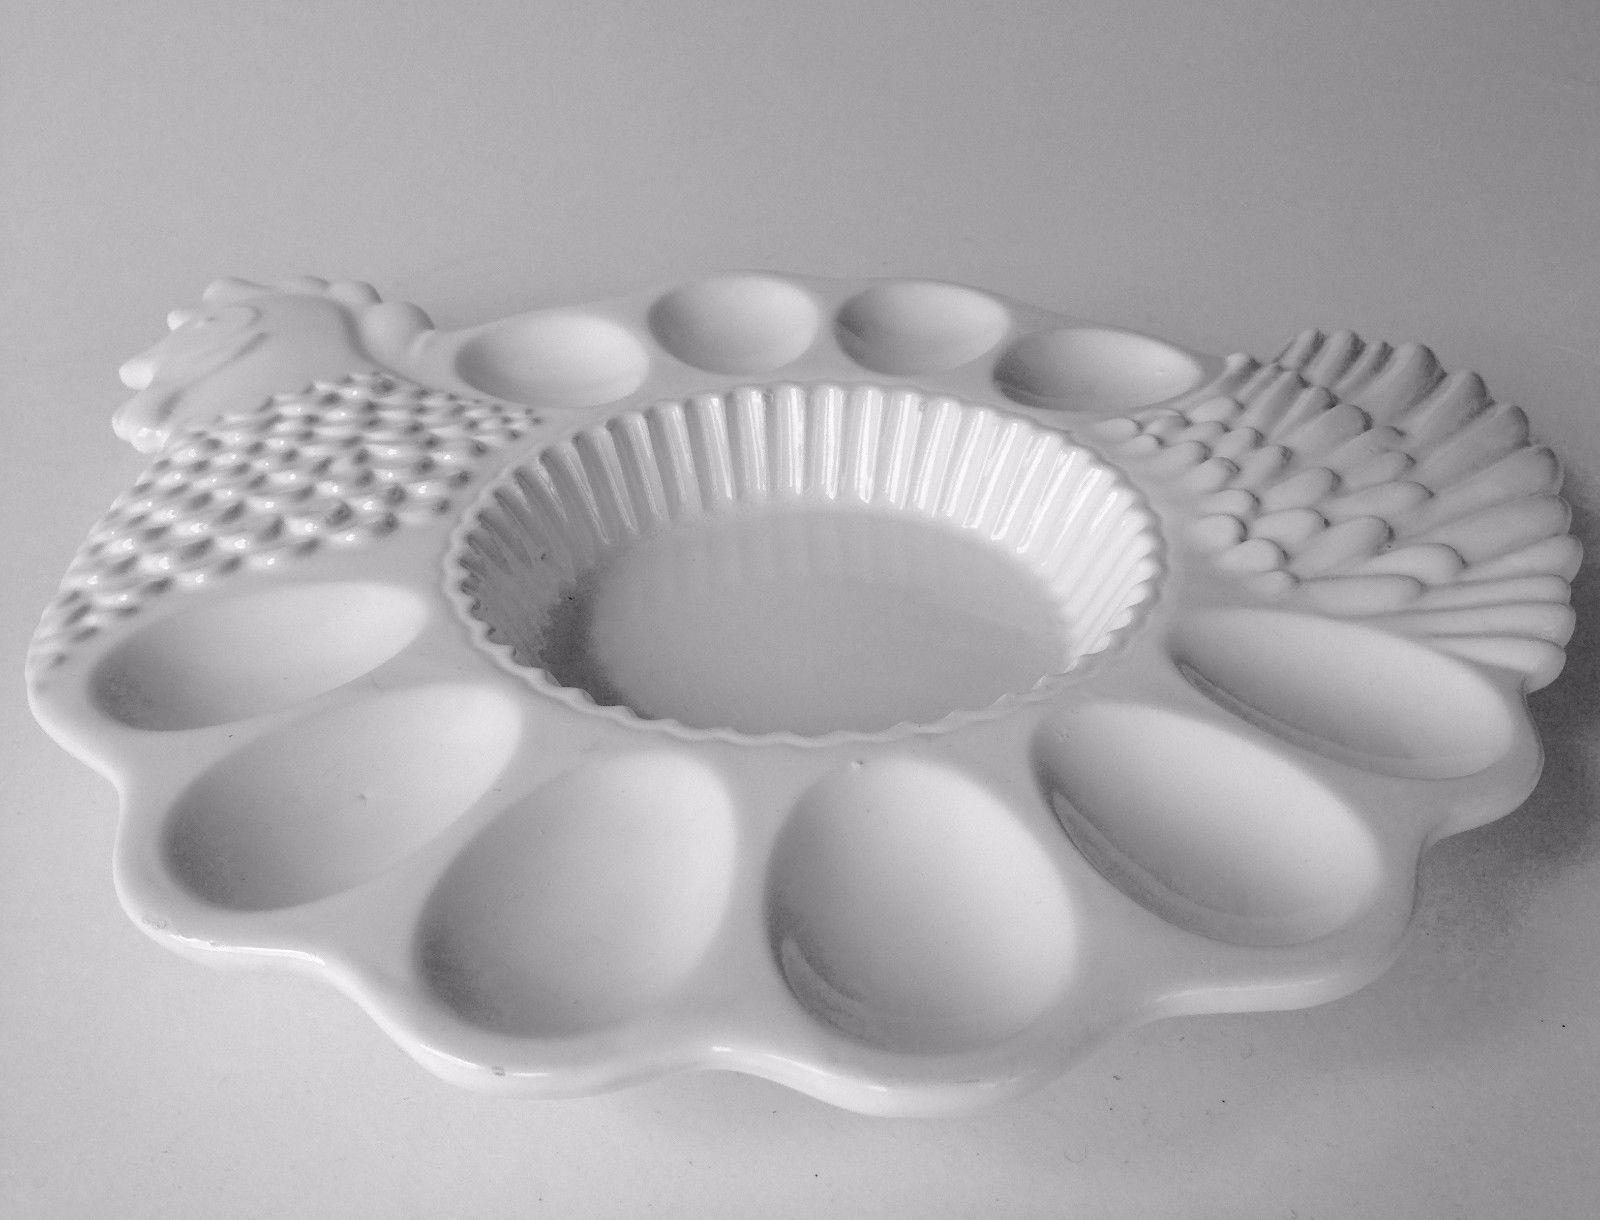 Easter Ceramic 10 Deviled Egg Platter Tray Combo Chicken Hen All White New 13x12